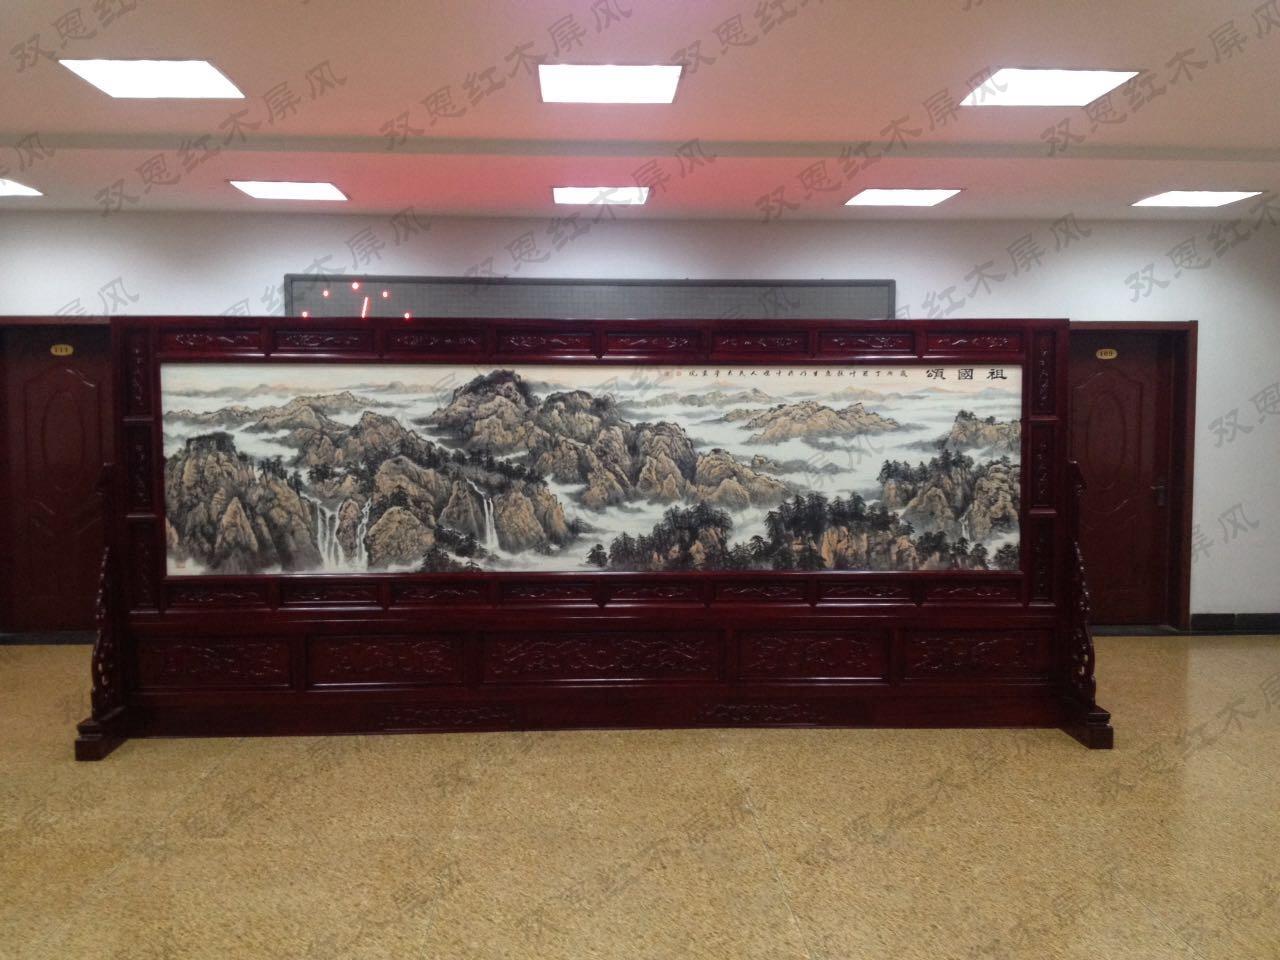 北京大兴区某单位4.53米×2米红木国画屏风